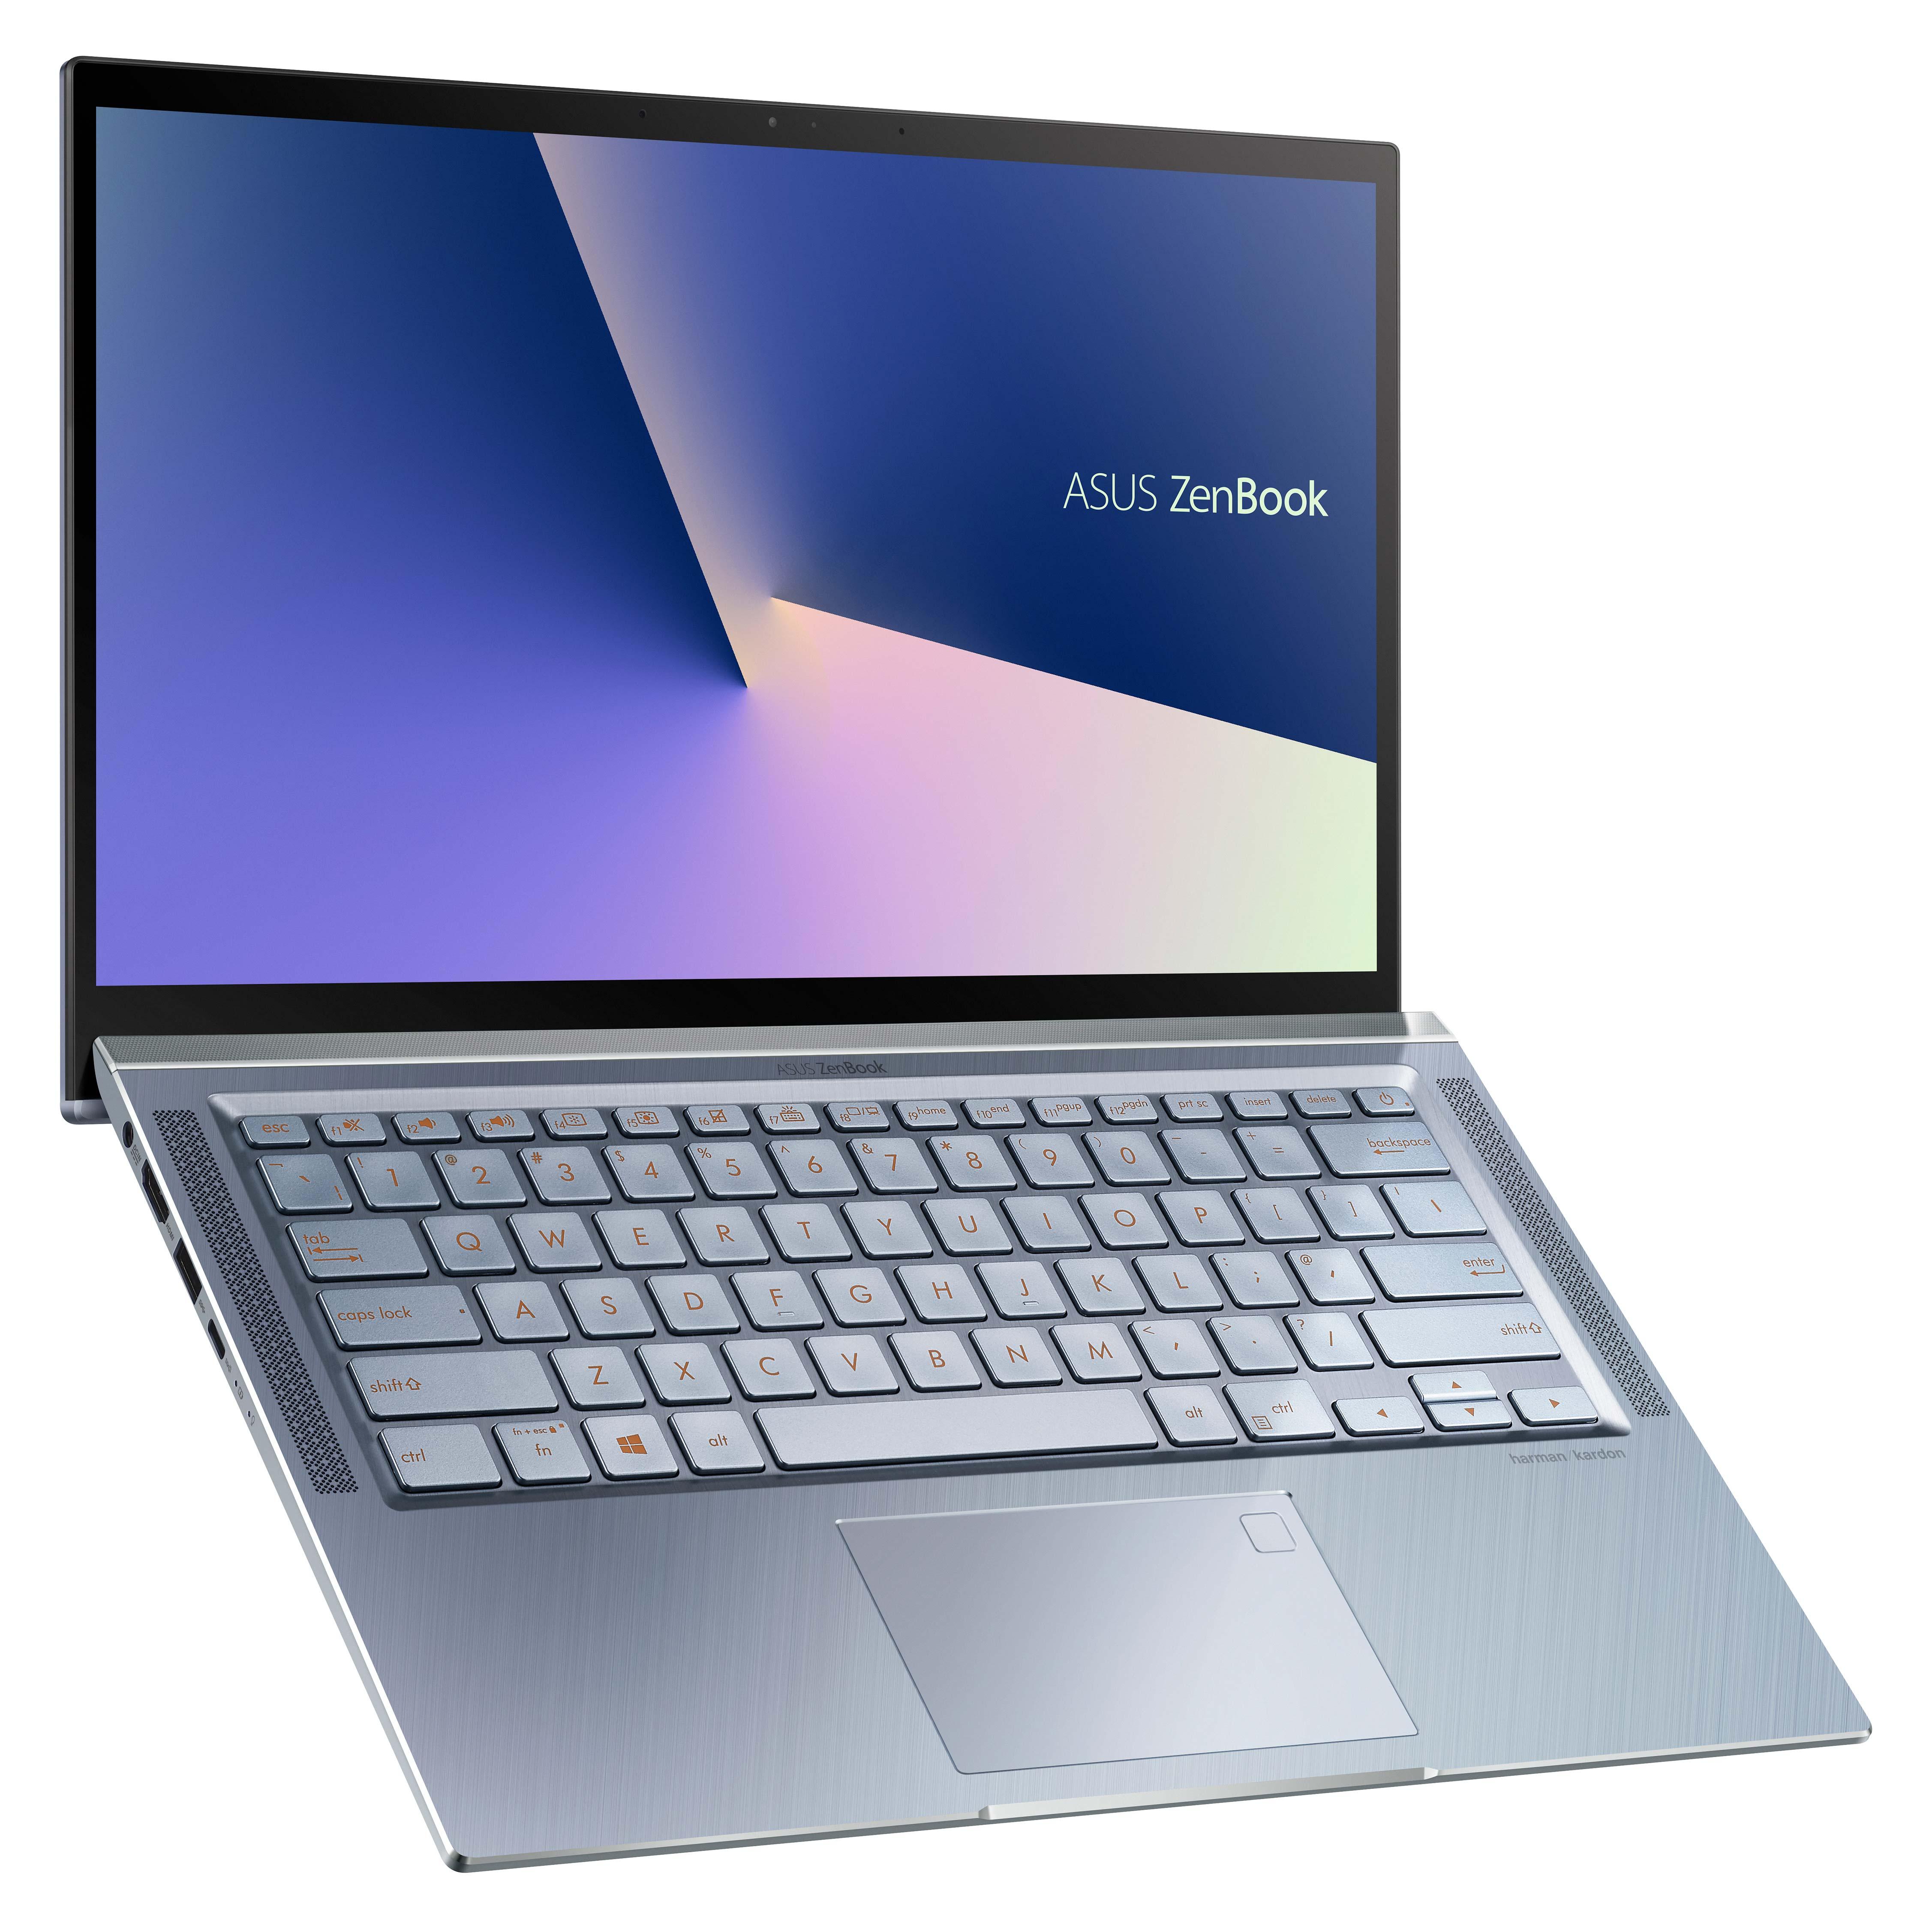 ASUS ZenBook 14歷經嚴格的MIL-STD 810G軍規認證,擁有超越業界標準的耐用與可靠性,「冰河藍」即日起上市。